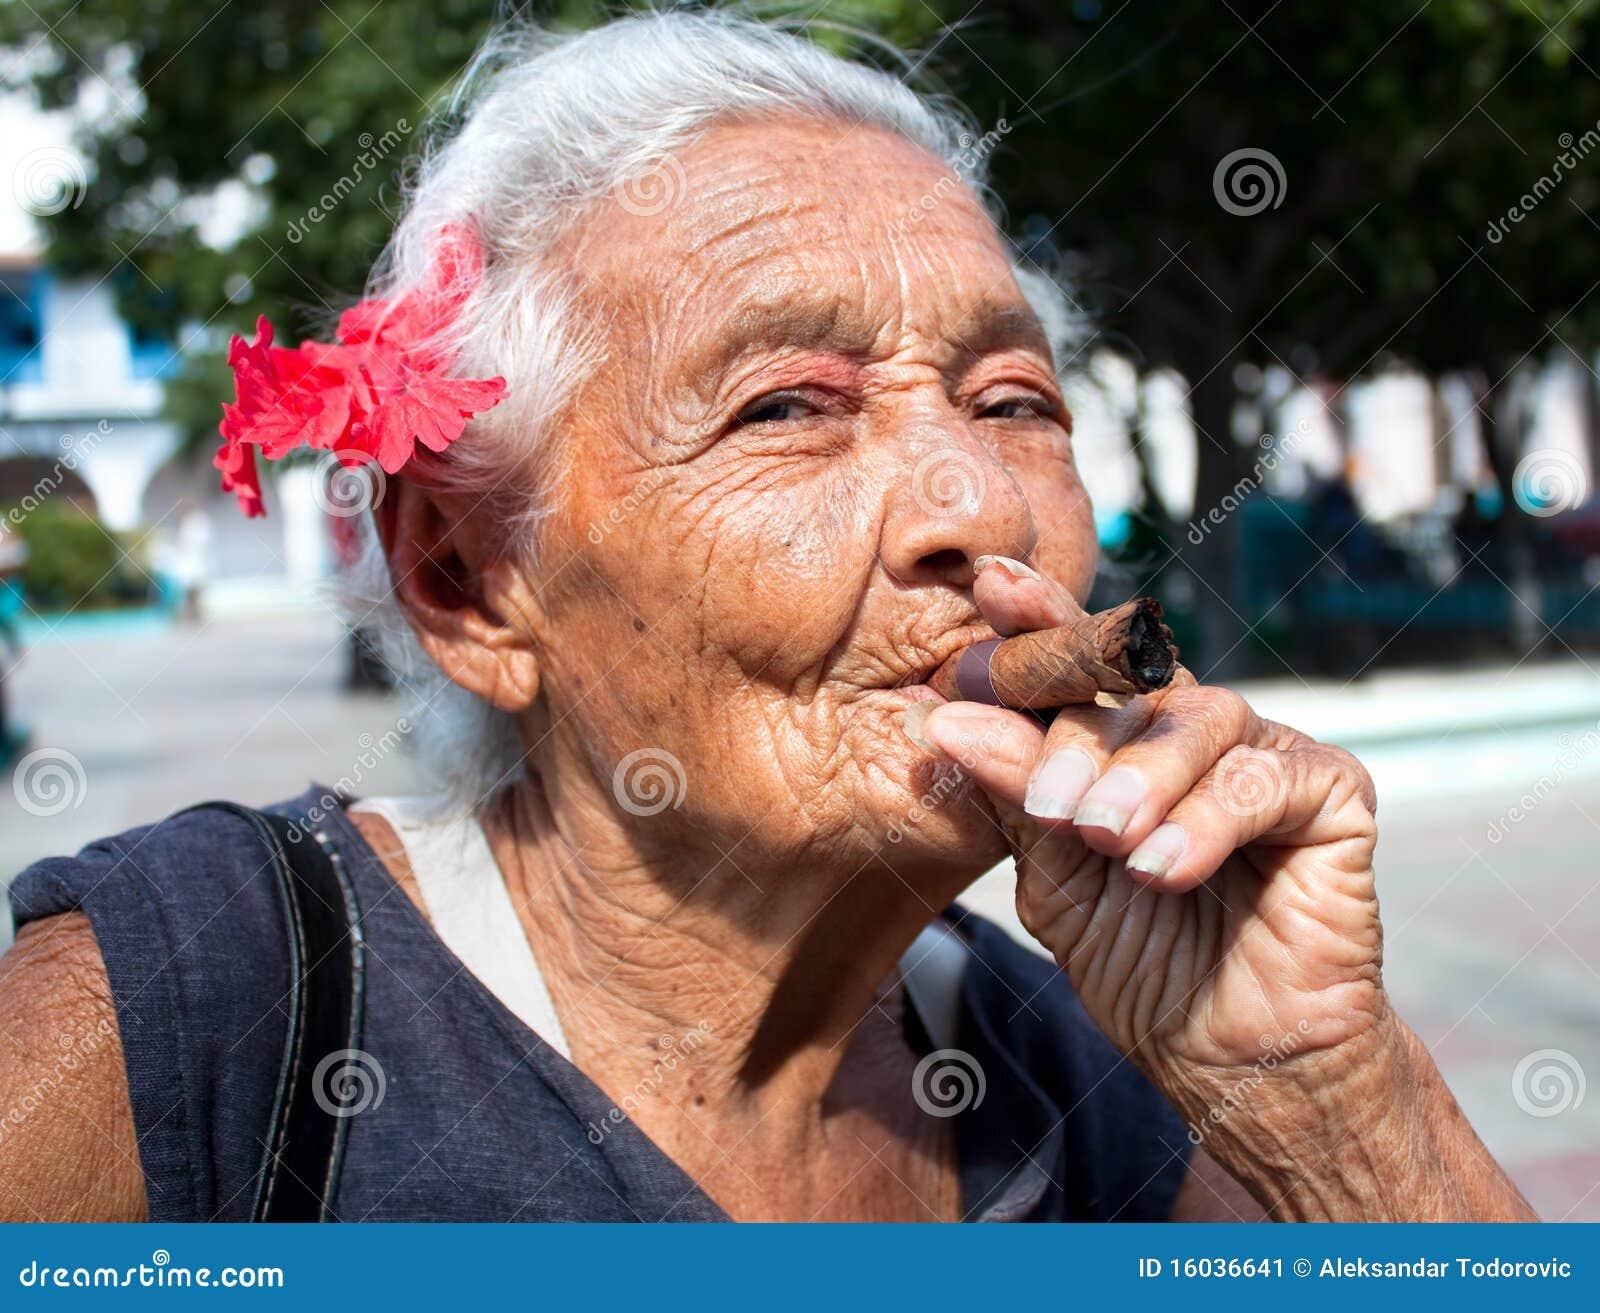 Старые бабушки фото 18 фотография